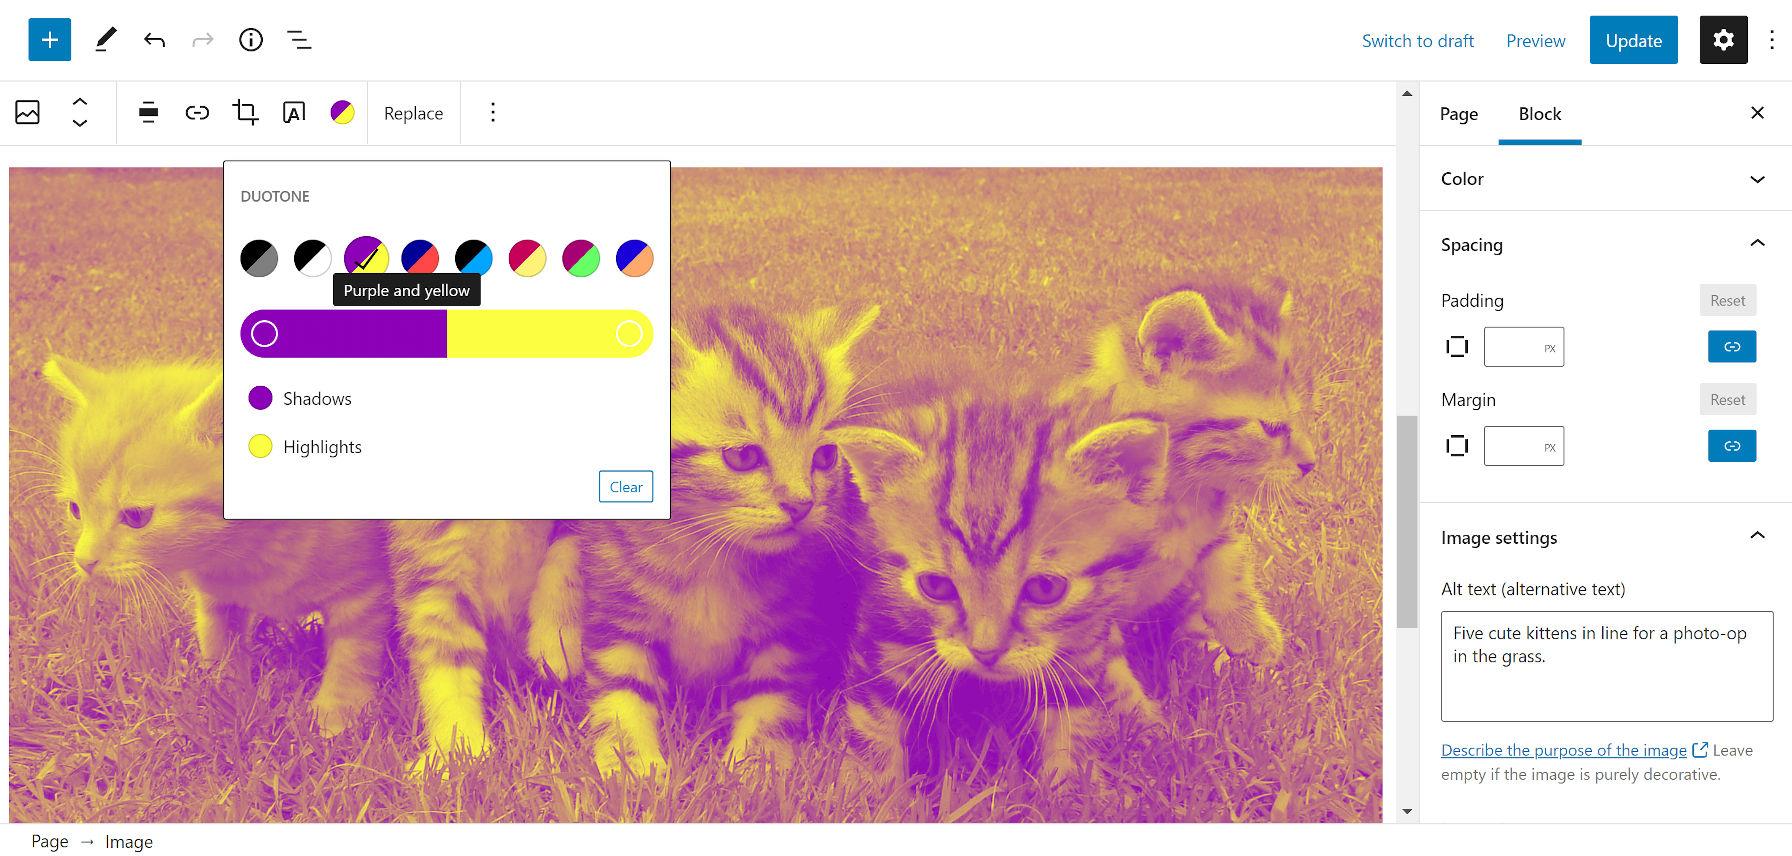 Ajout d'un filtre bicolore violet et jaune au-dessus d'une image de chatons dans un champ d'herbe.